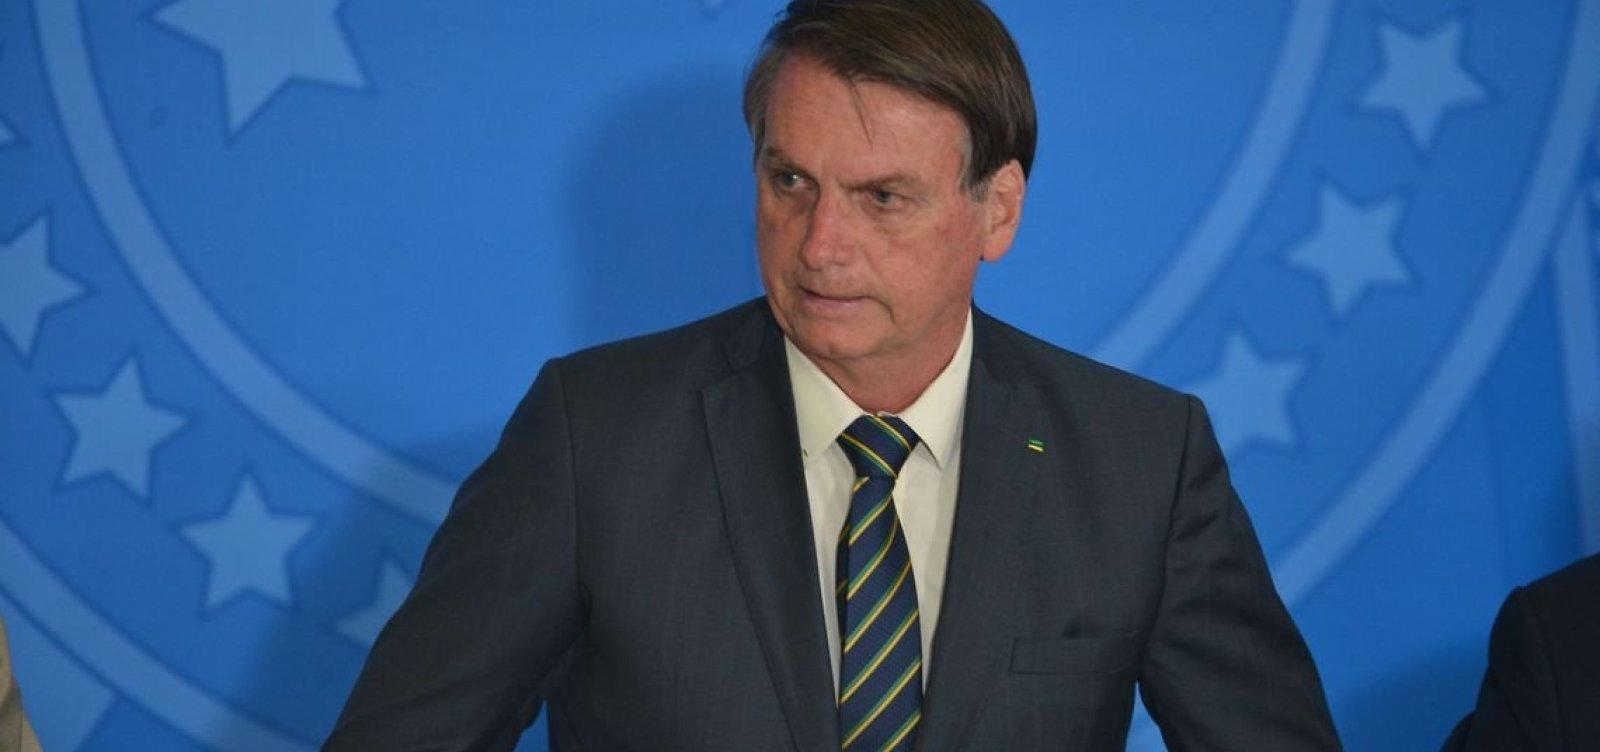 [Bolsonaro diz que desmatamento é cultural no Brasil e não acabará]